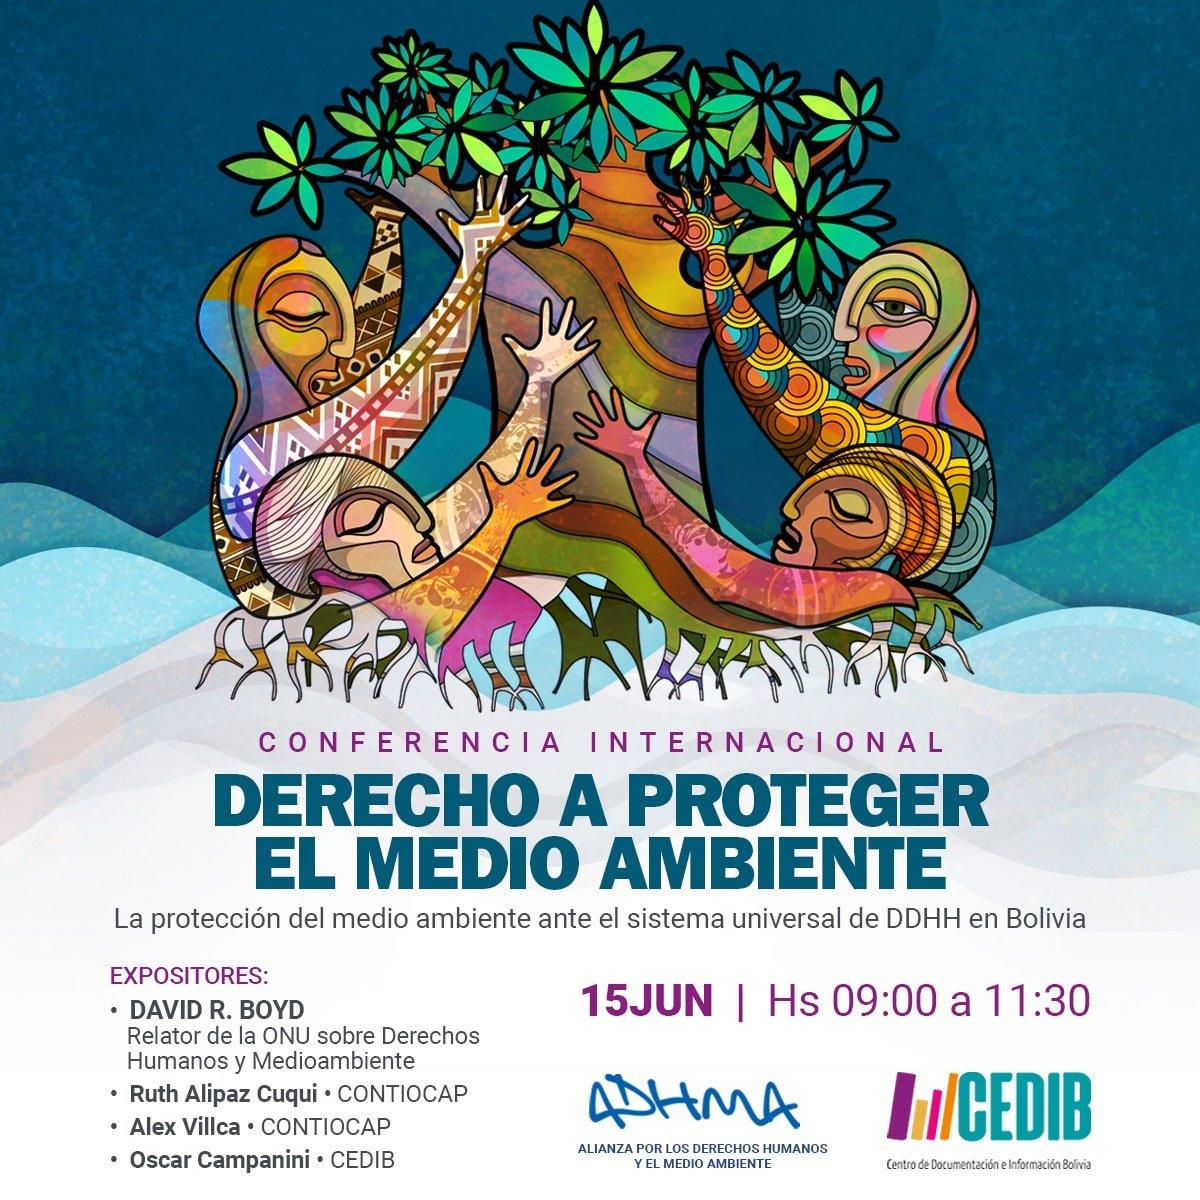 Derecho a proteger el medio ambiente en Bolivia